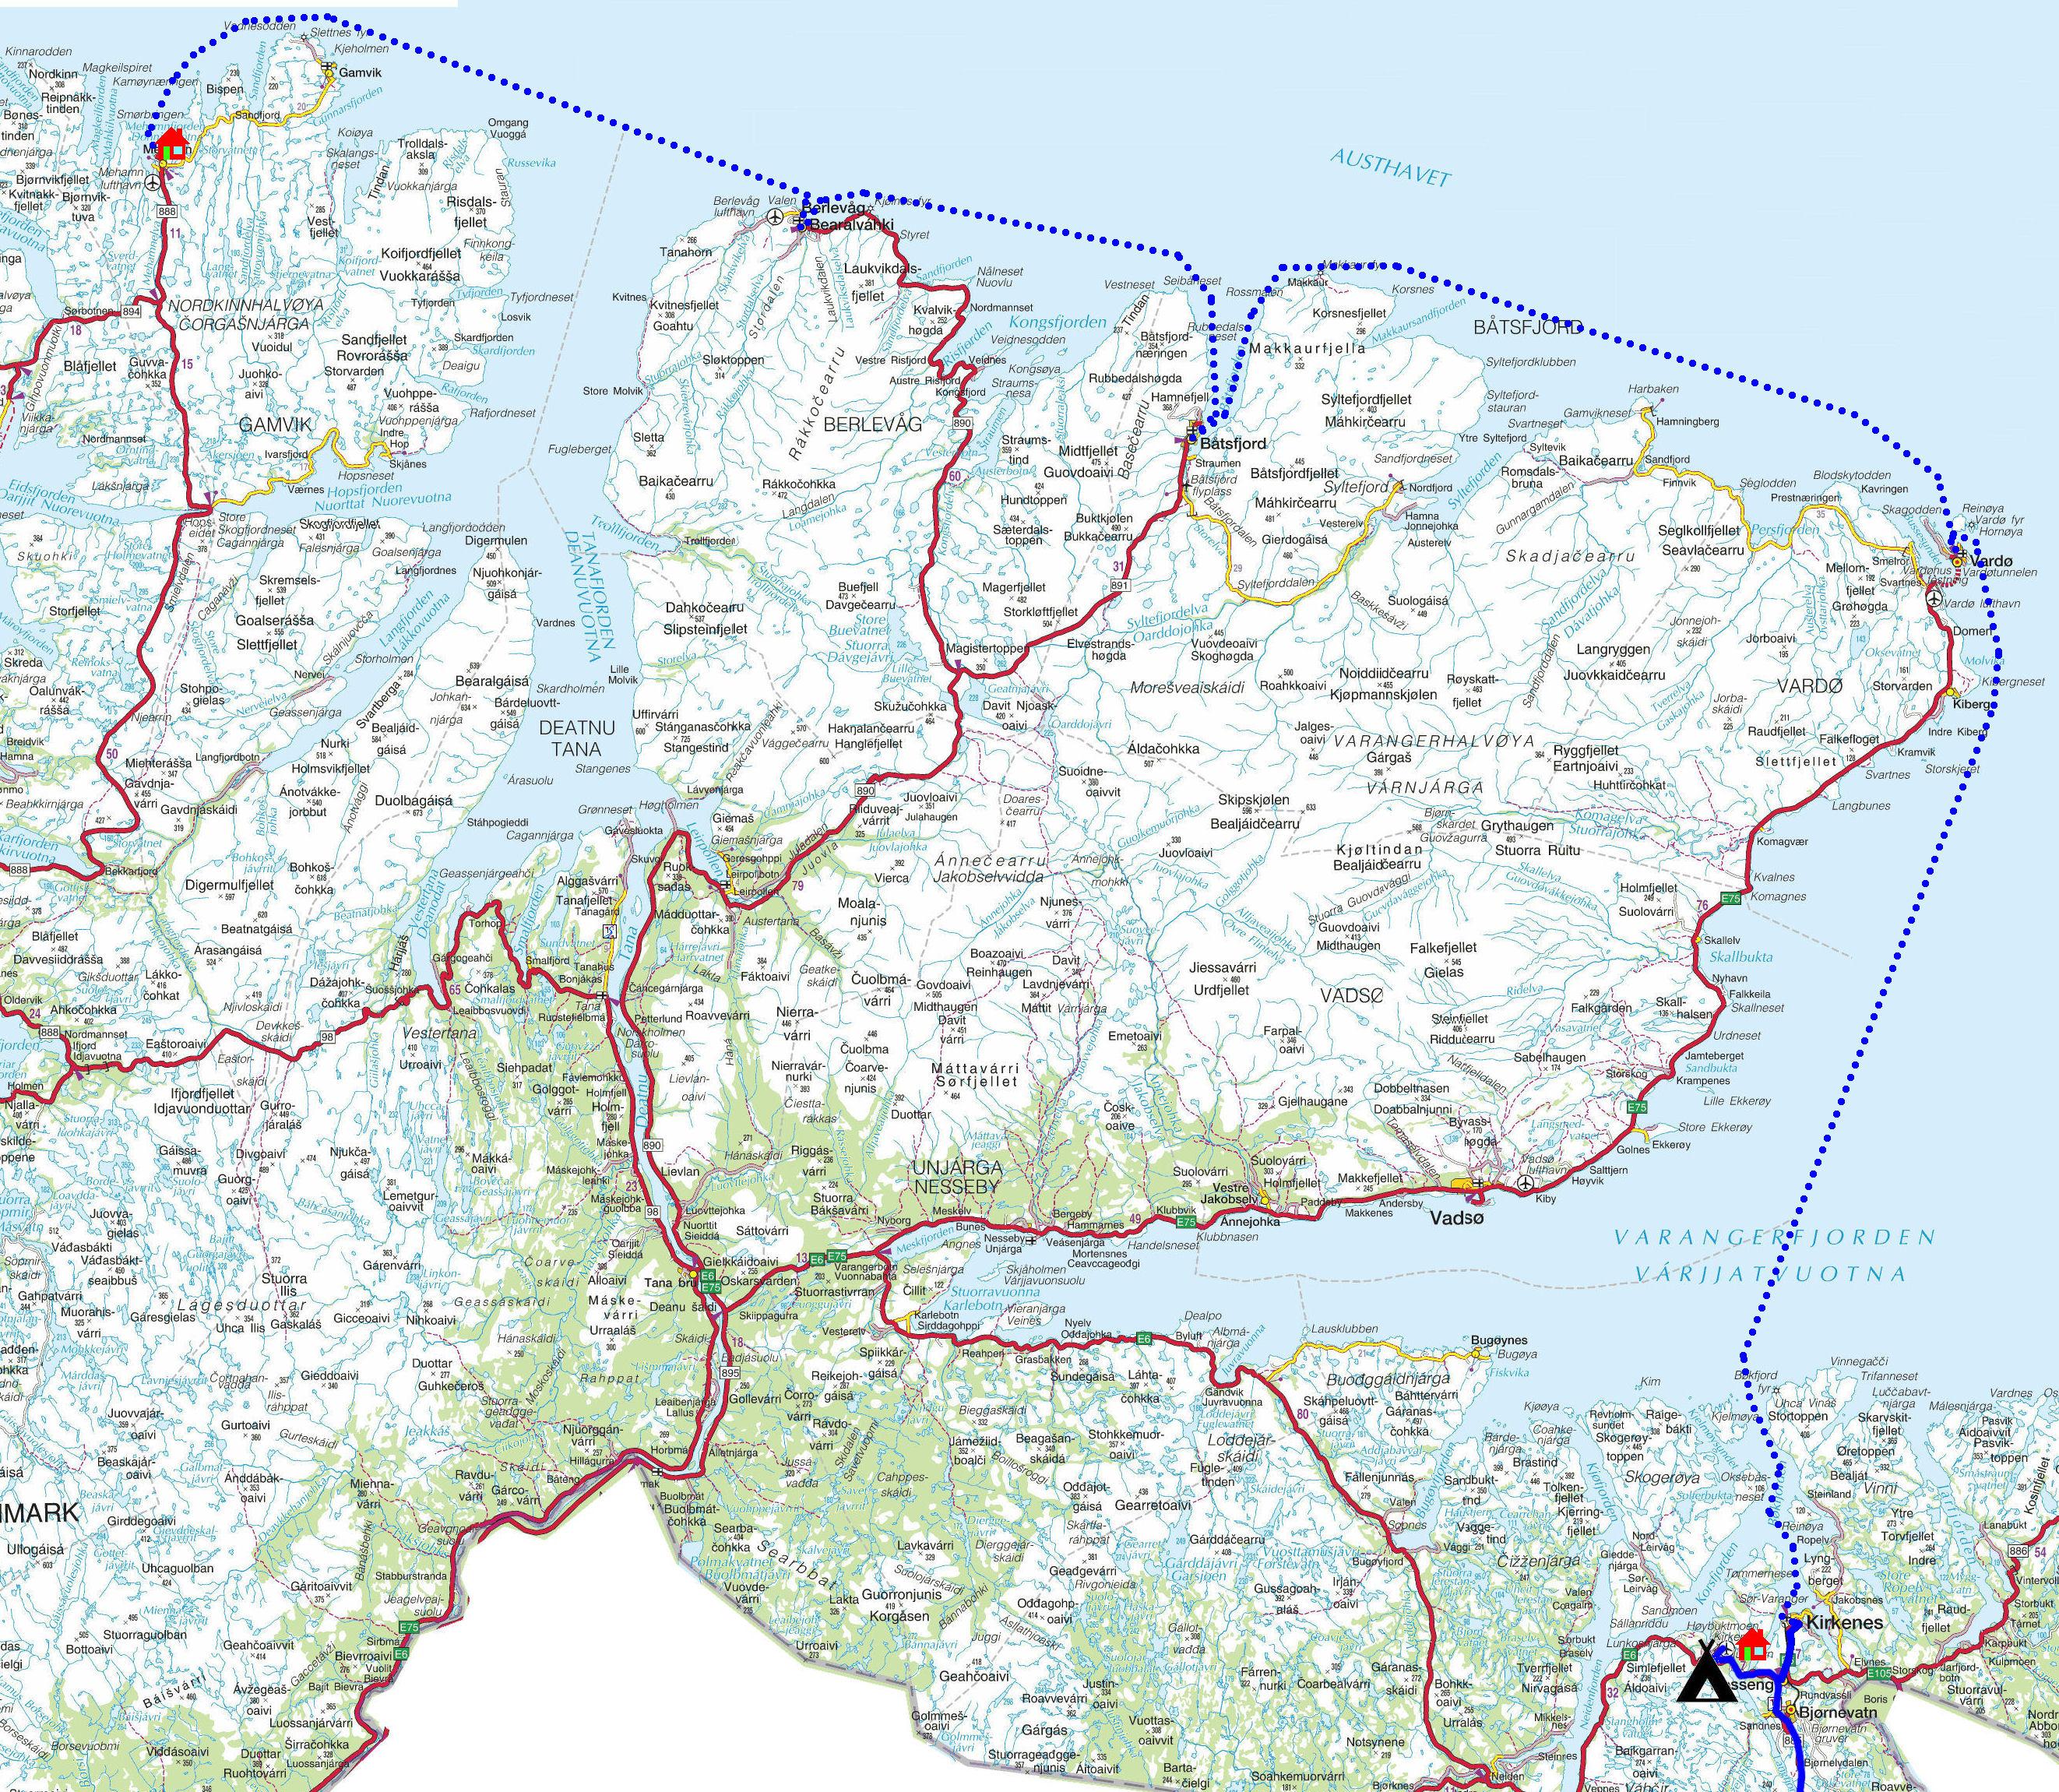 kart over kirkenes Torstein Reiersen: På kryss og tvers i Finnmark 2012 kart over kirkenes